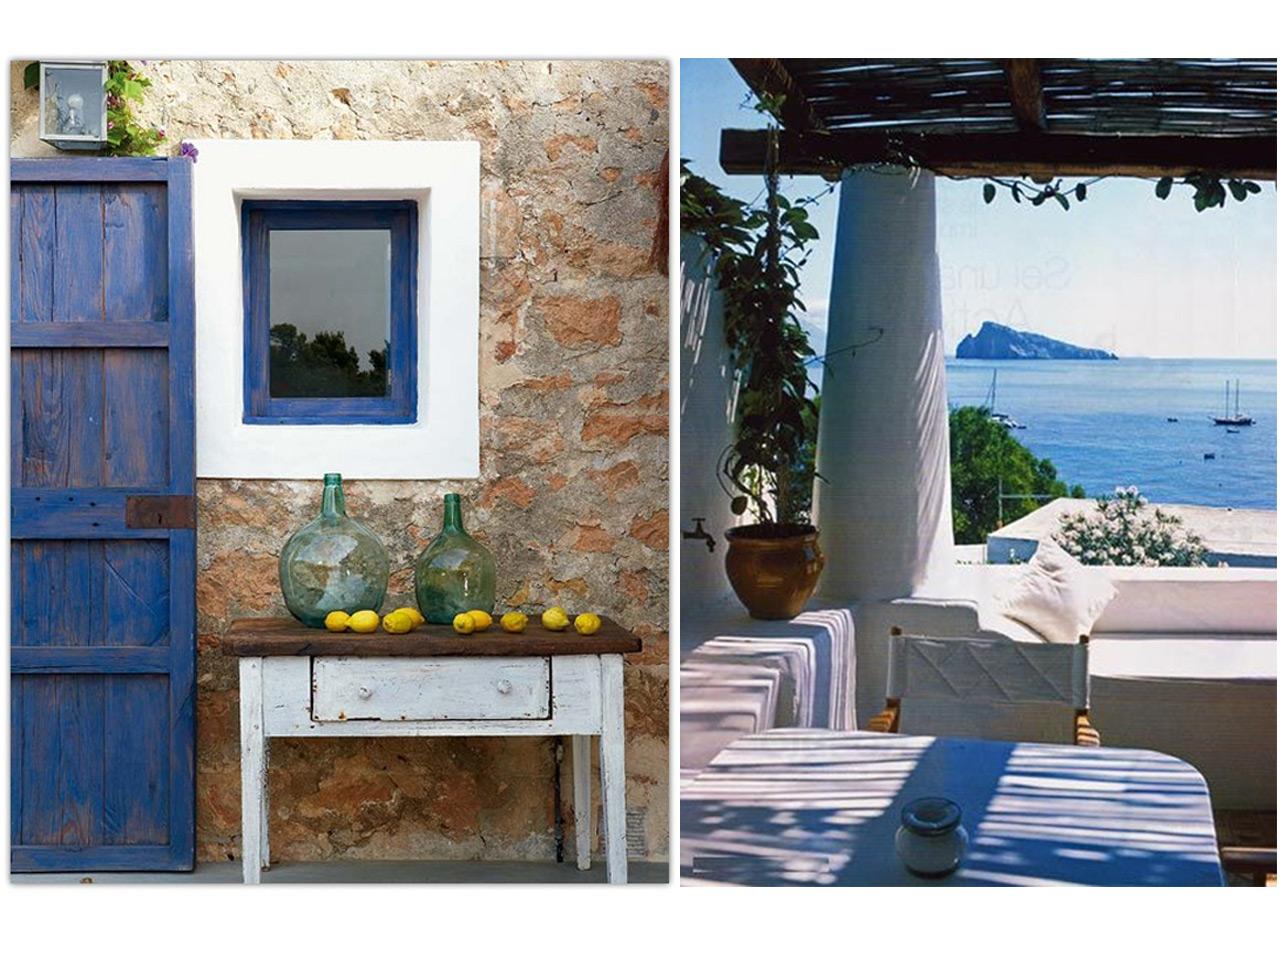 Decoraci n de casas de playa con aires mediterr neos - D casa decoracion ...